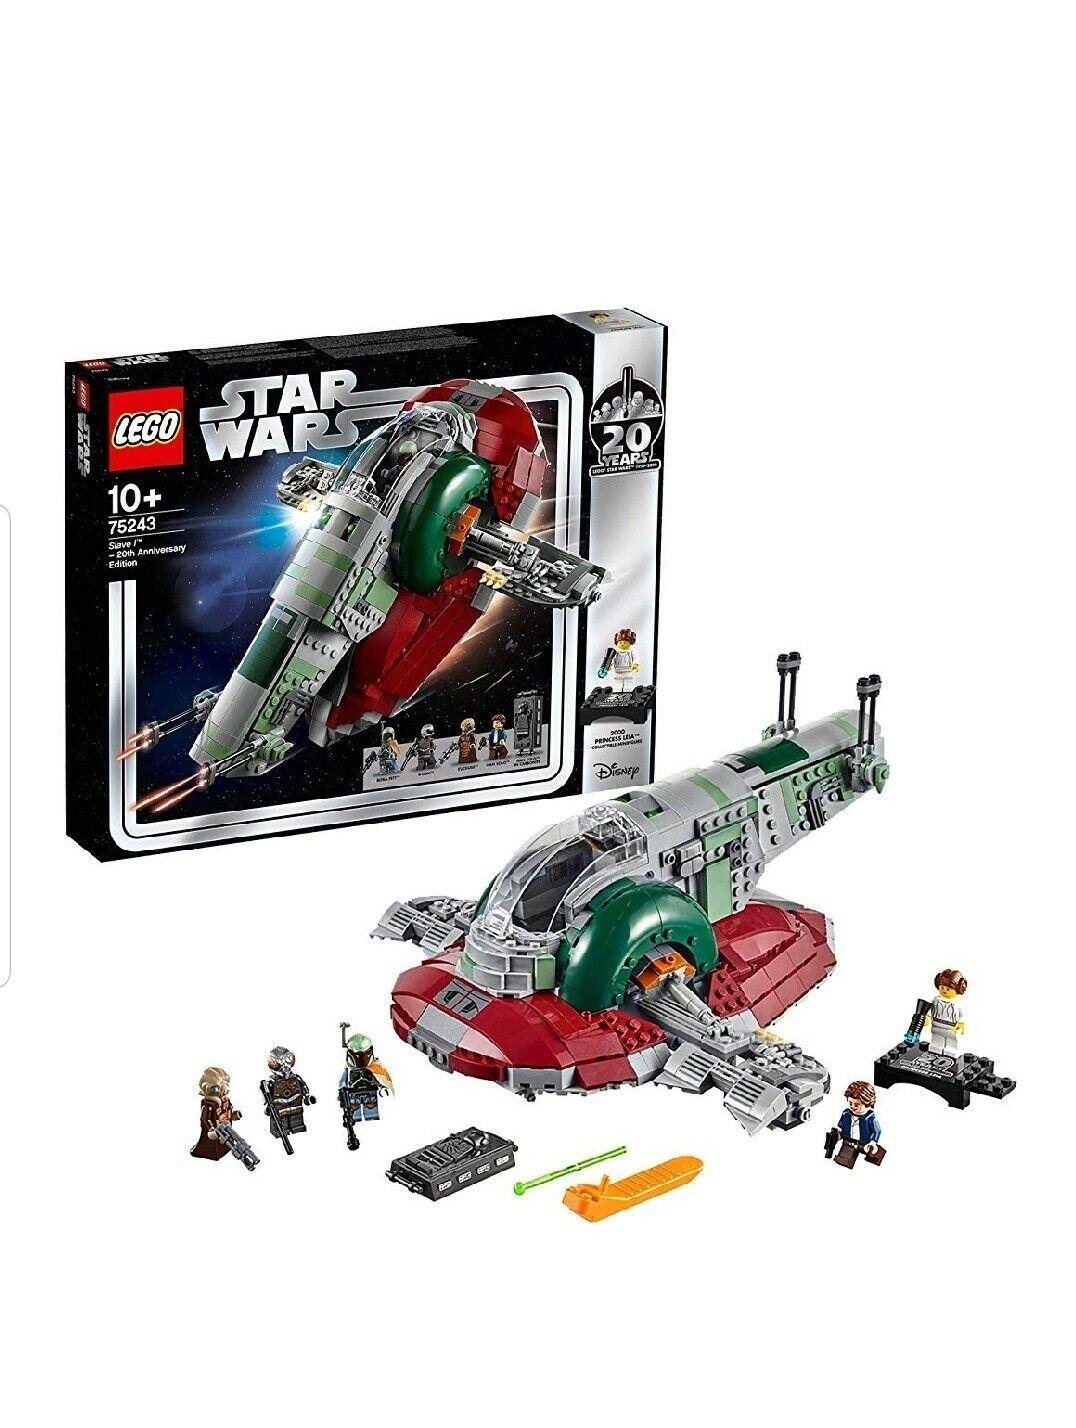 Lego Star Wars  Esclave I (75243) 20 Ans Édition Neuf en Emballage D'Origine  point de vente